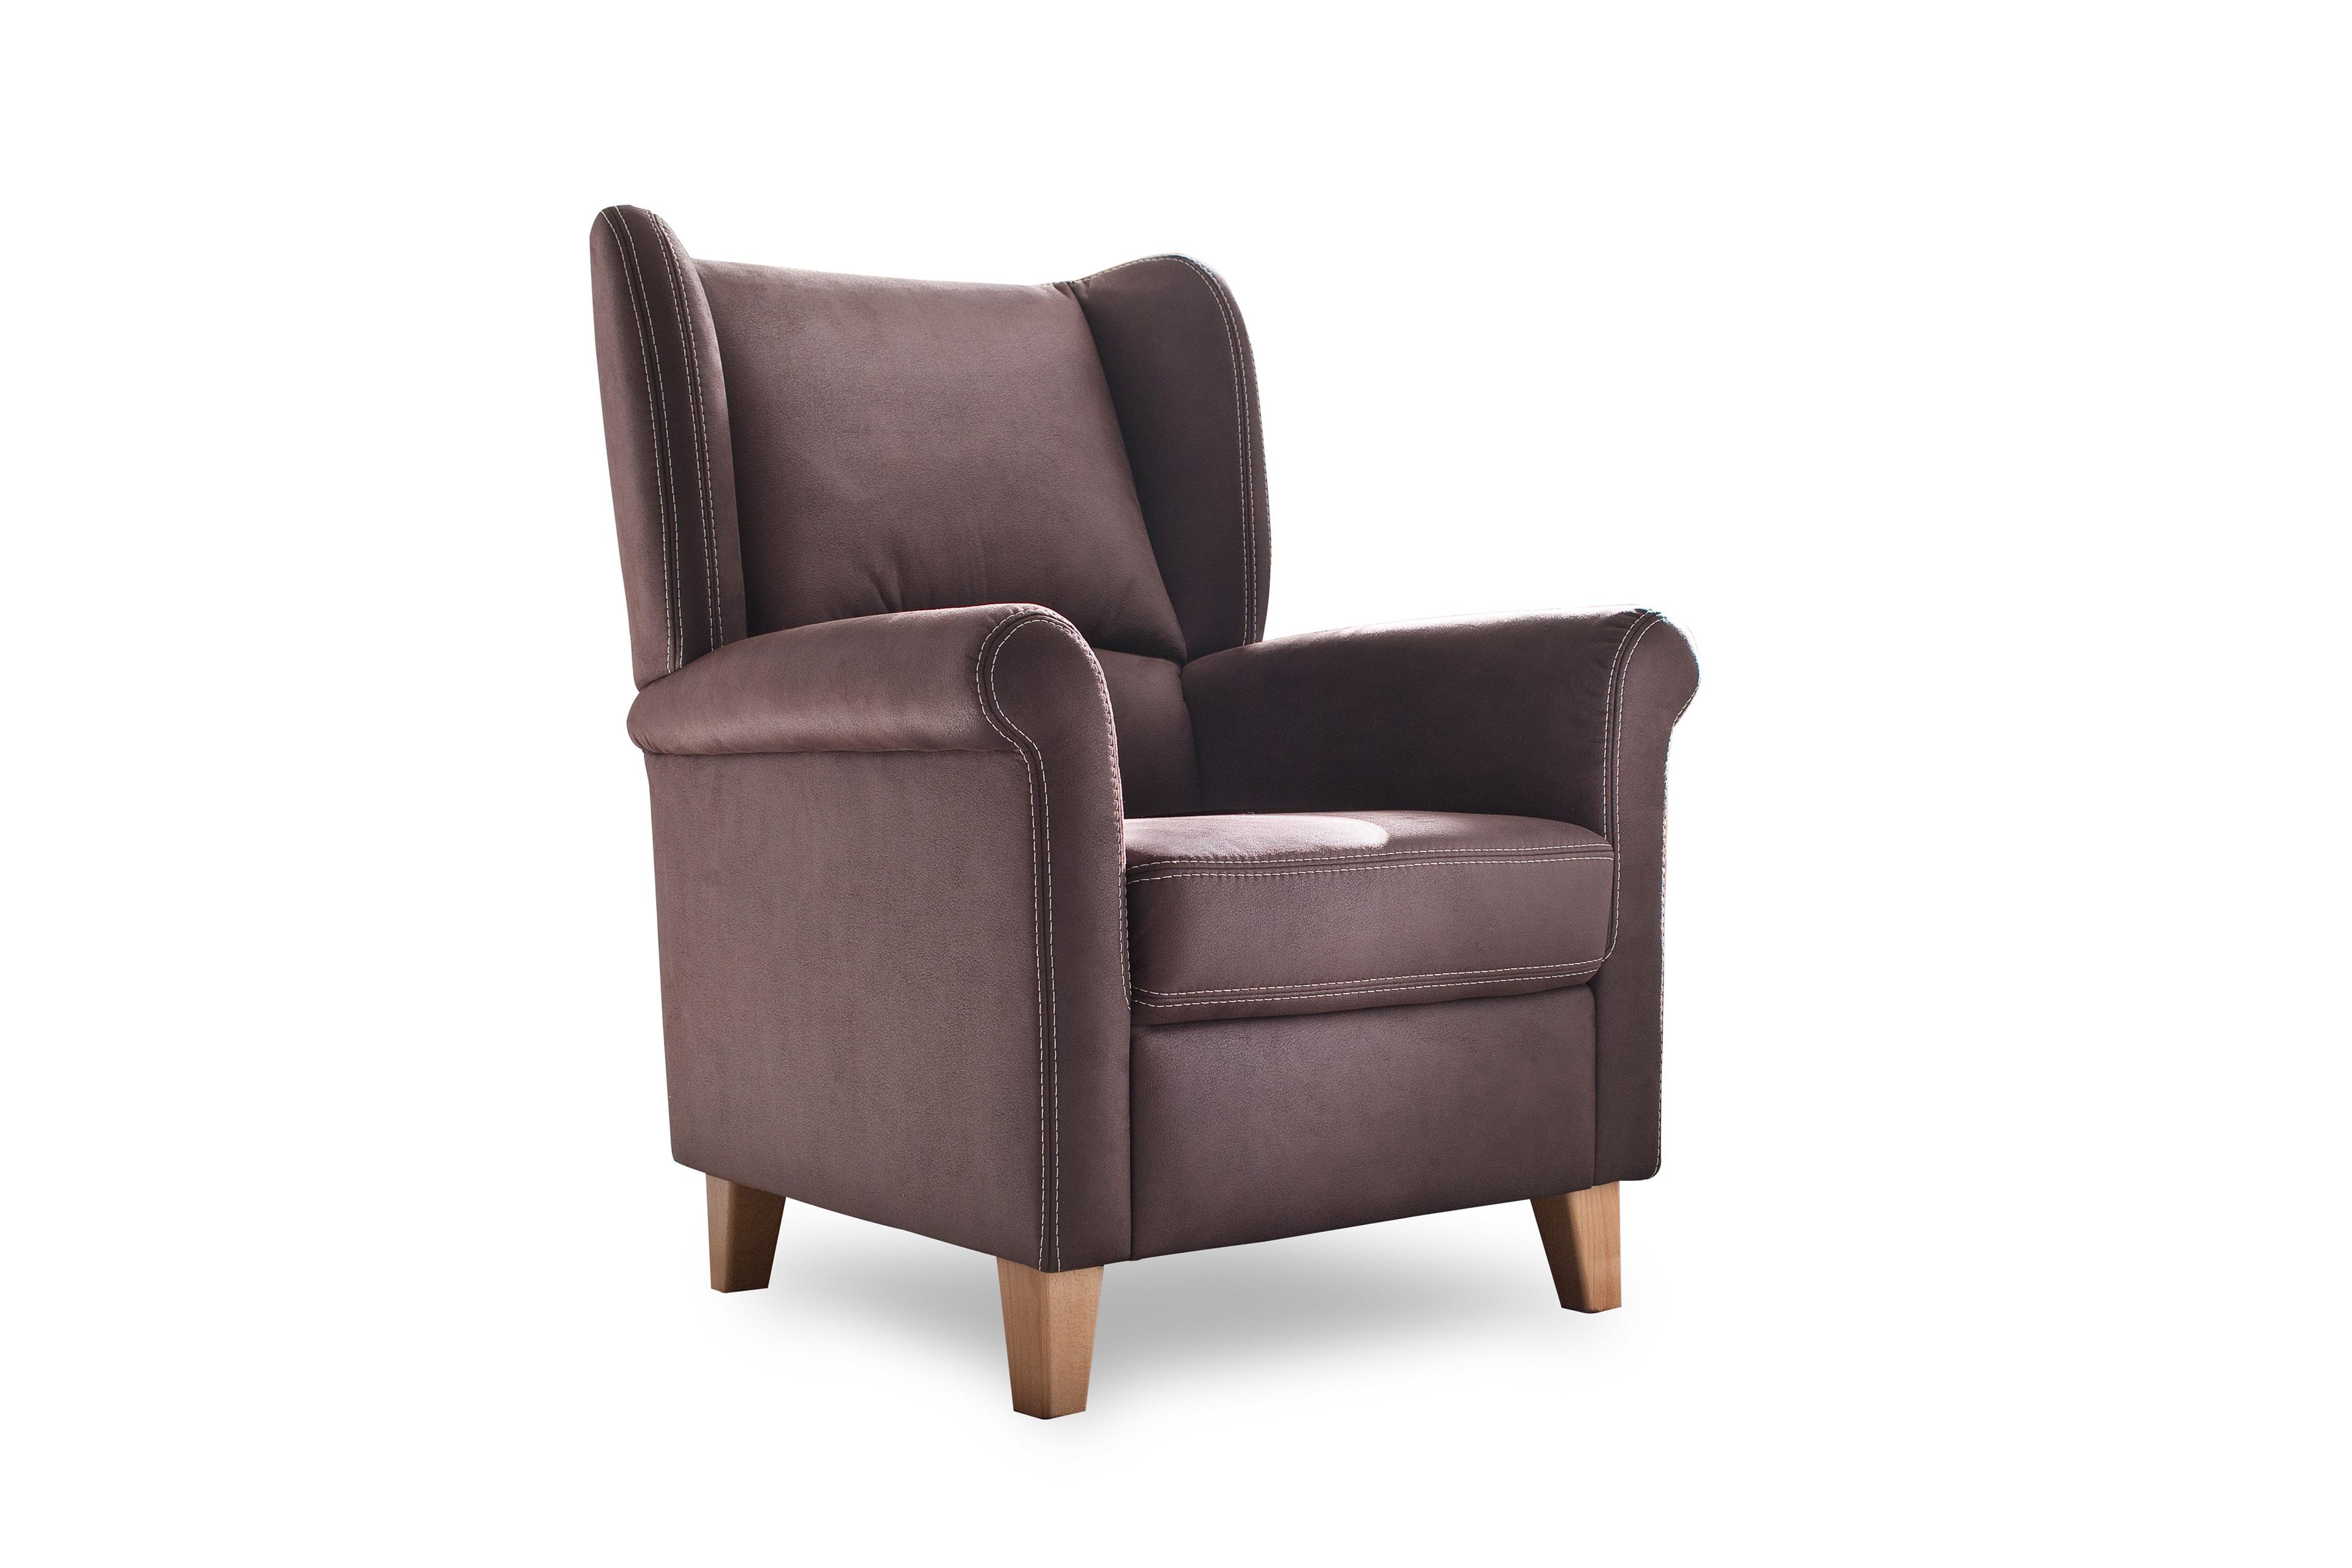 carina polsterm bel malte einzelsessel in braun m bel letz ihr online shop. Black Bedroom Furniture Sets. Home Design Ideas